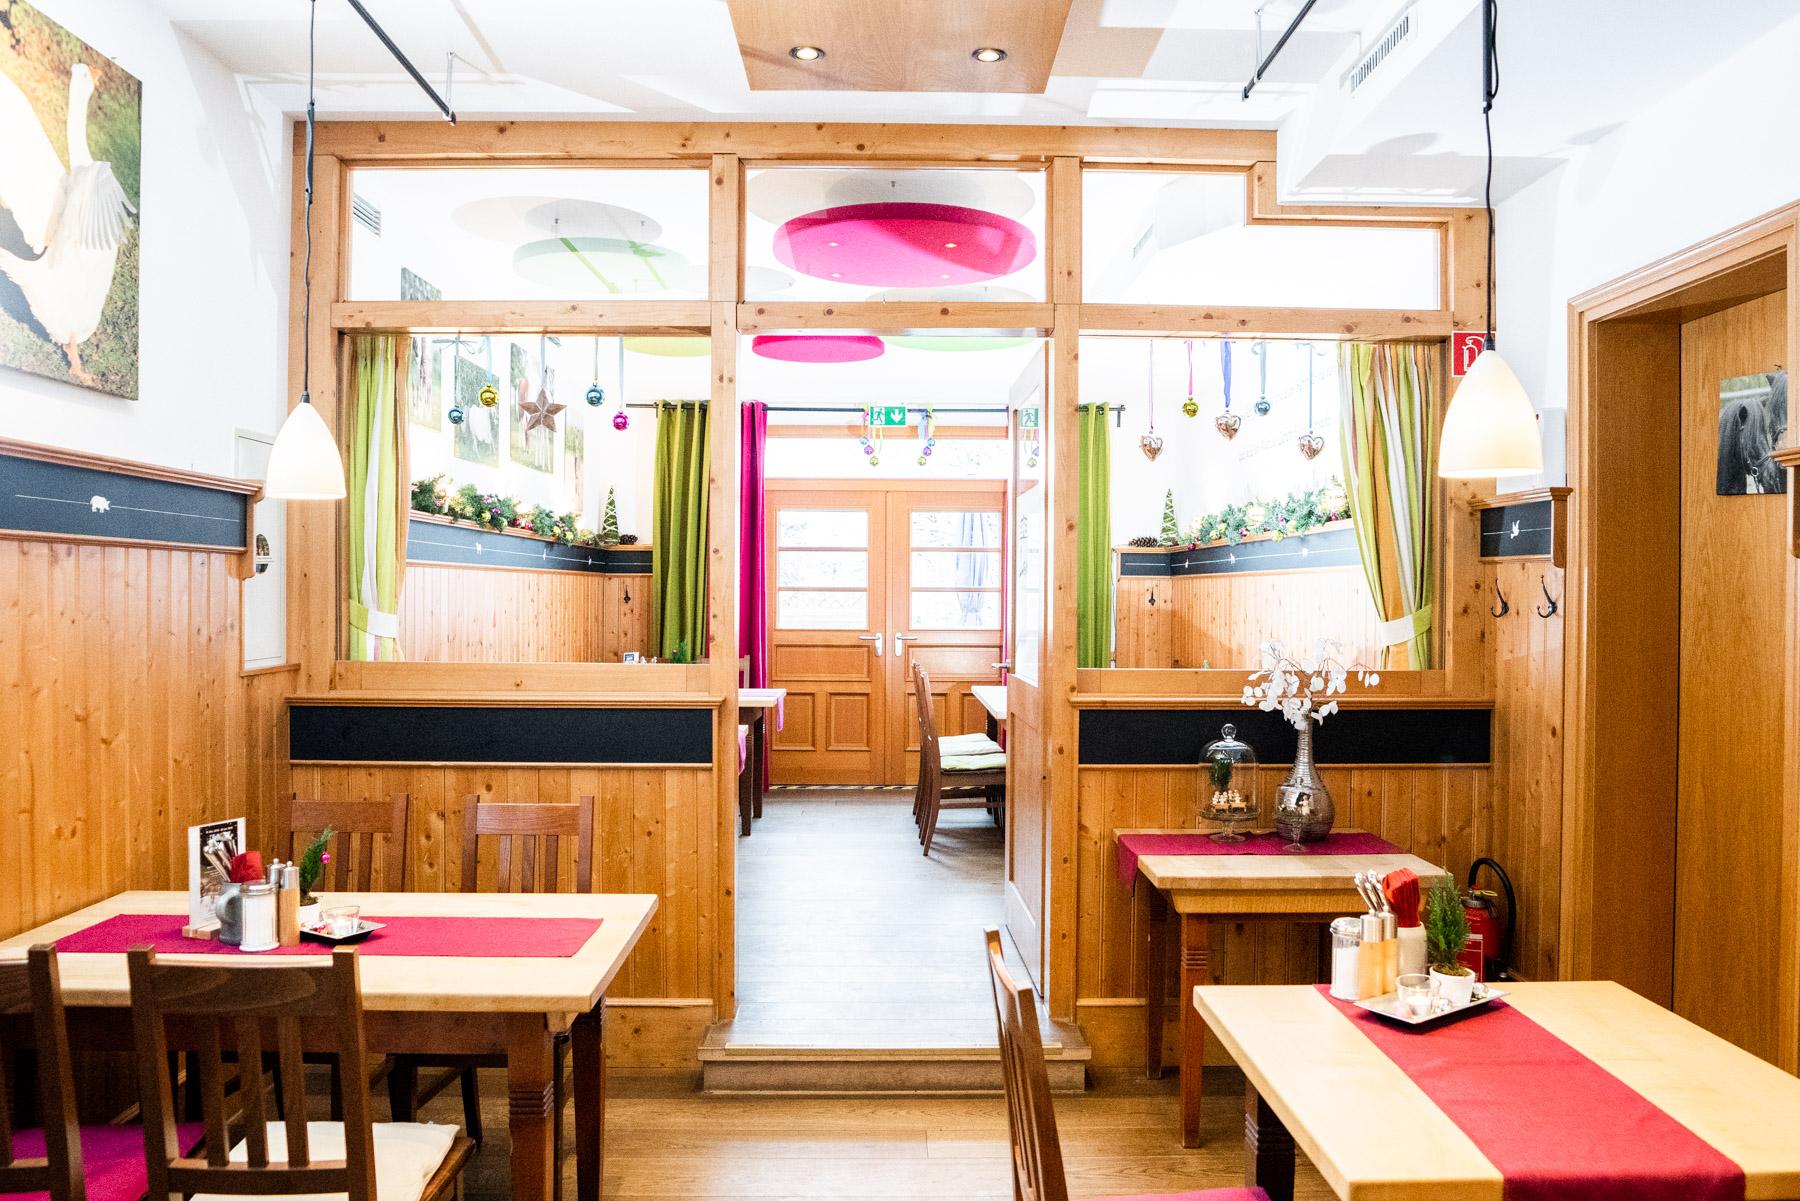 reitsberger-hof-vaterstetten-restaurant-12122018-mokati-113